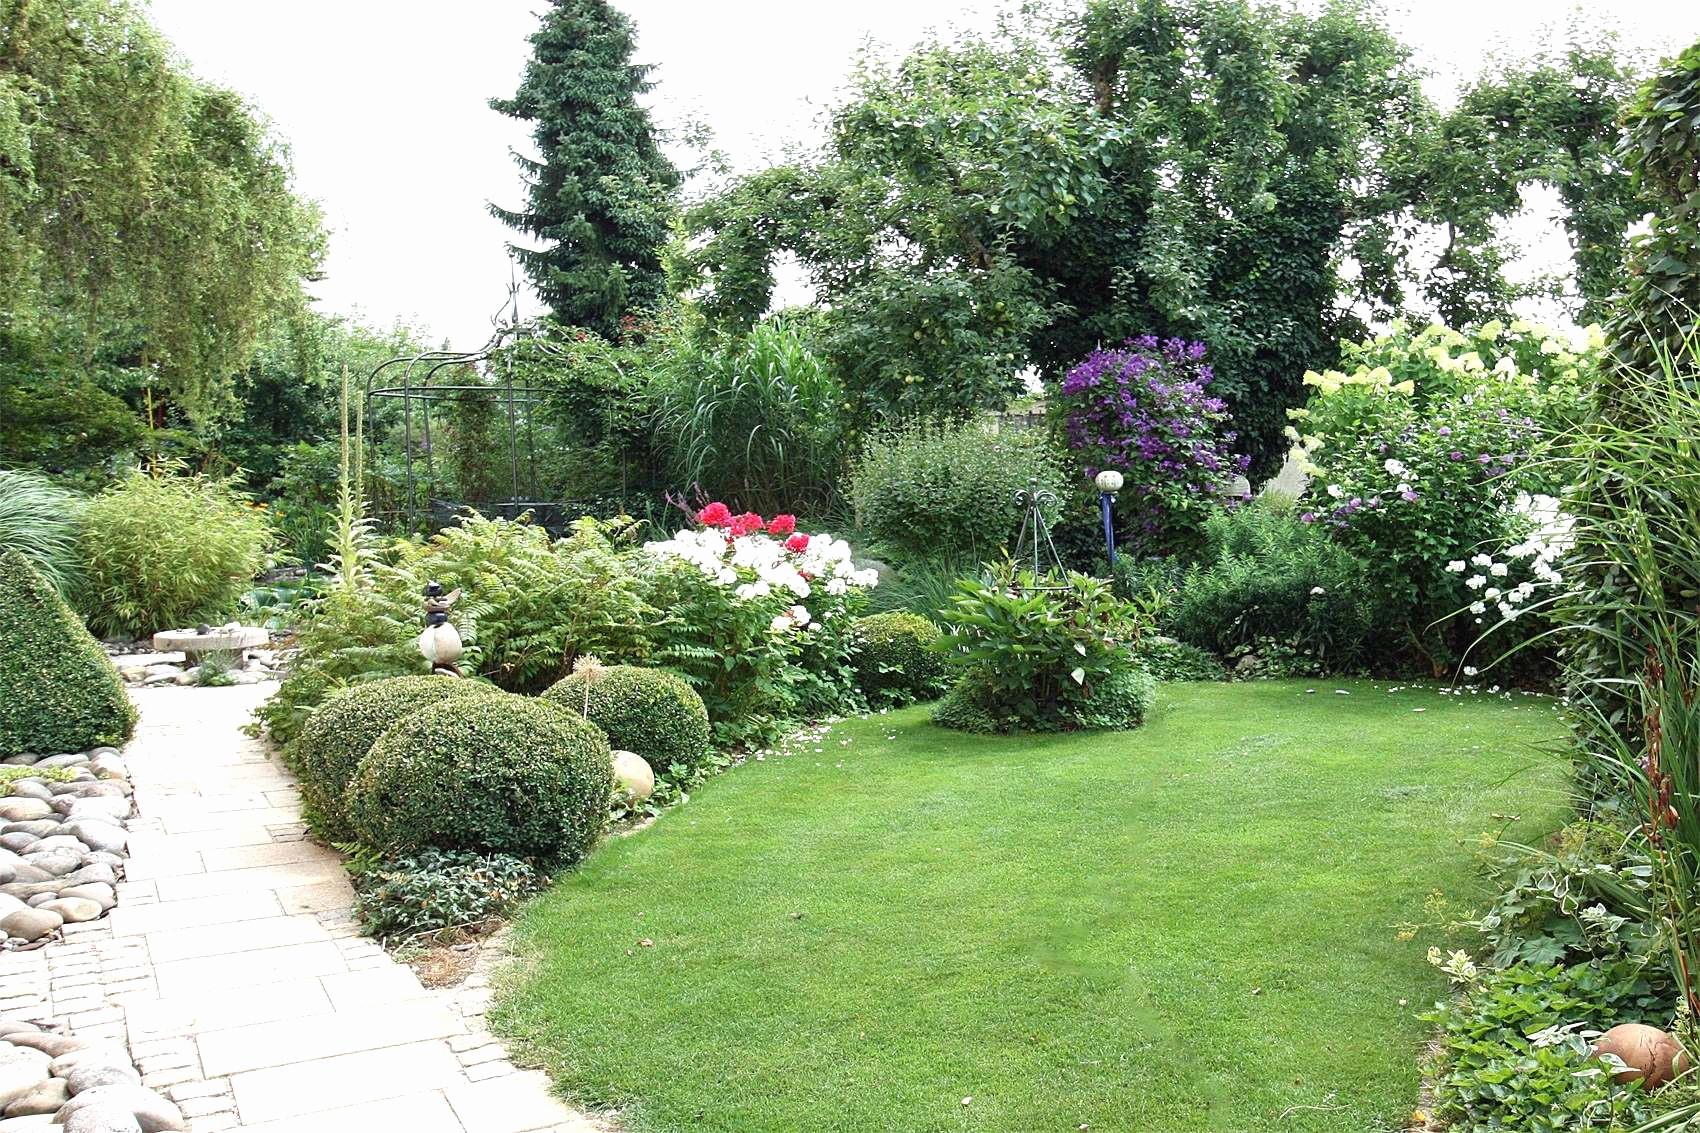 garden walkways elegant garten pflastern elegant weg pflastern 0d archives terrasse design of garden walkways